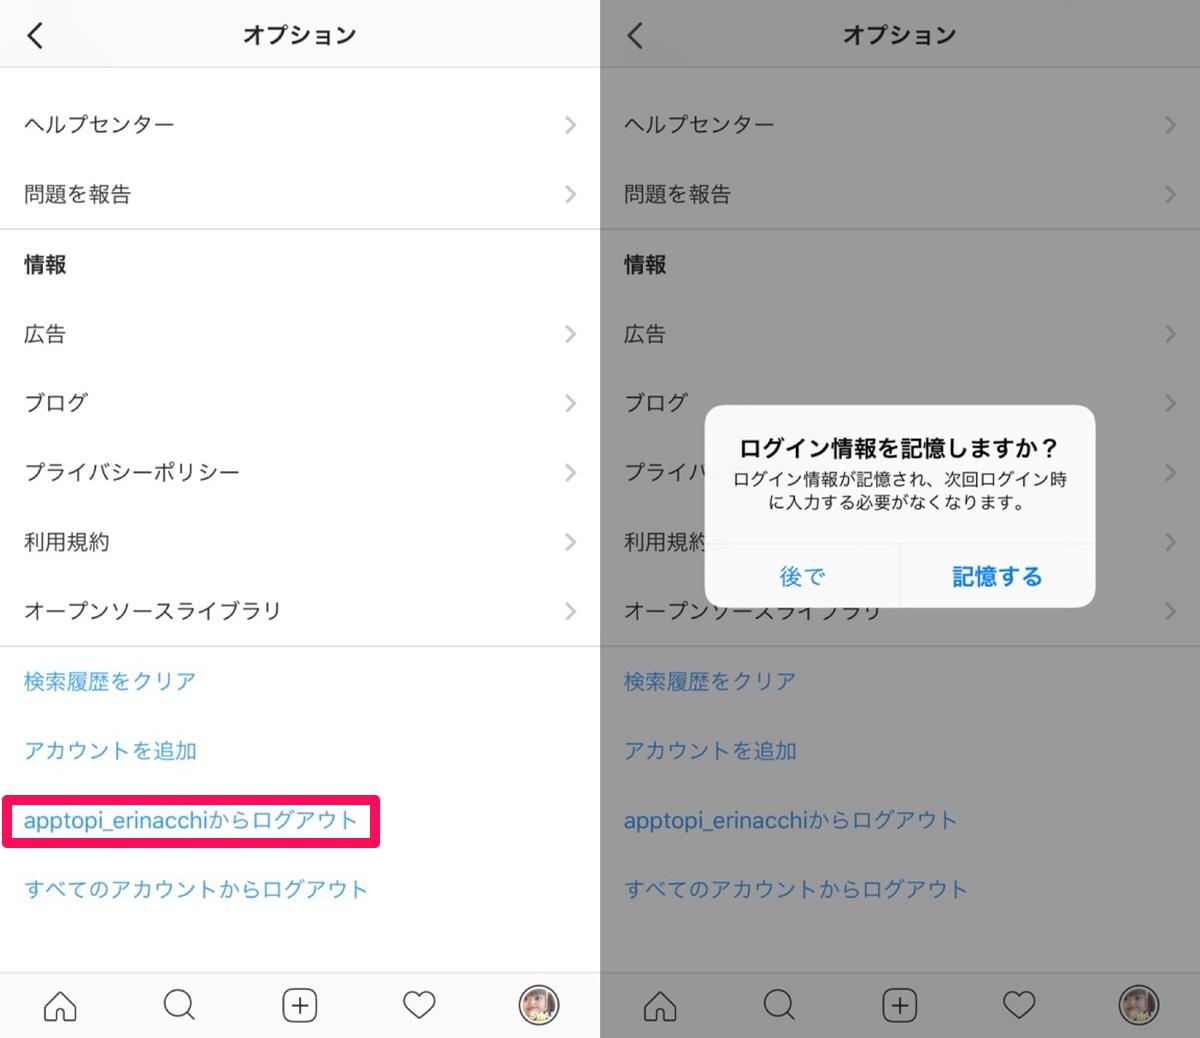 インスタのアプリで追加したアカウントをログアウトする方法